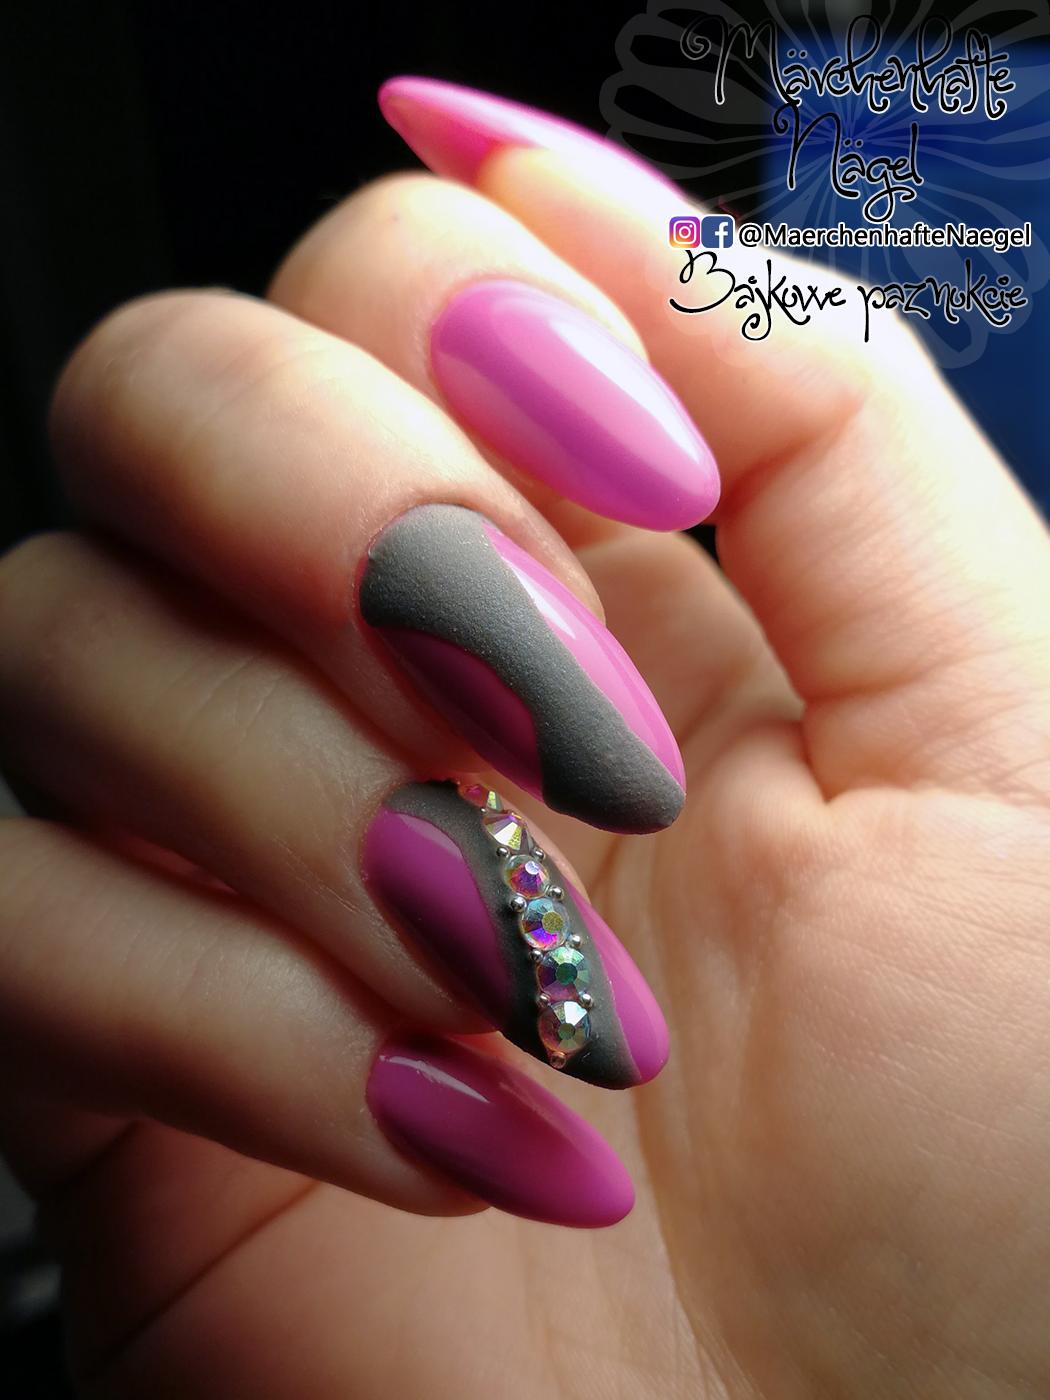 Pink Nails With Matt Design In Grey And Swarovski Crystalls Sorane Naegel Mit Einem Grauem Mattem Muster Und Swarovski Steinen Ro Mit Bildern Pinke Nagel Nails Nageldesign